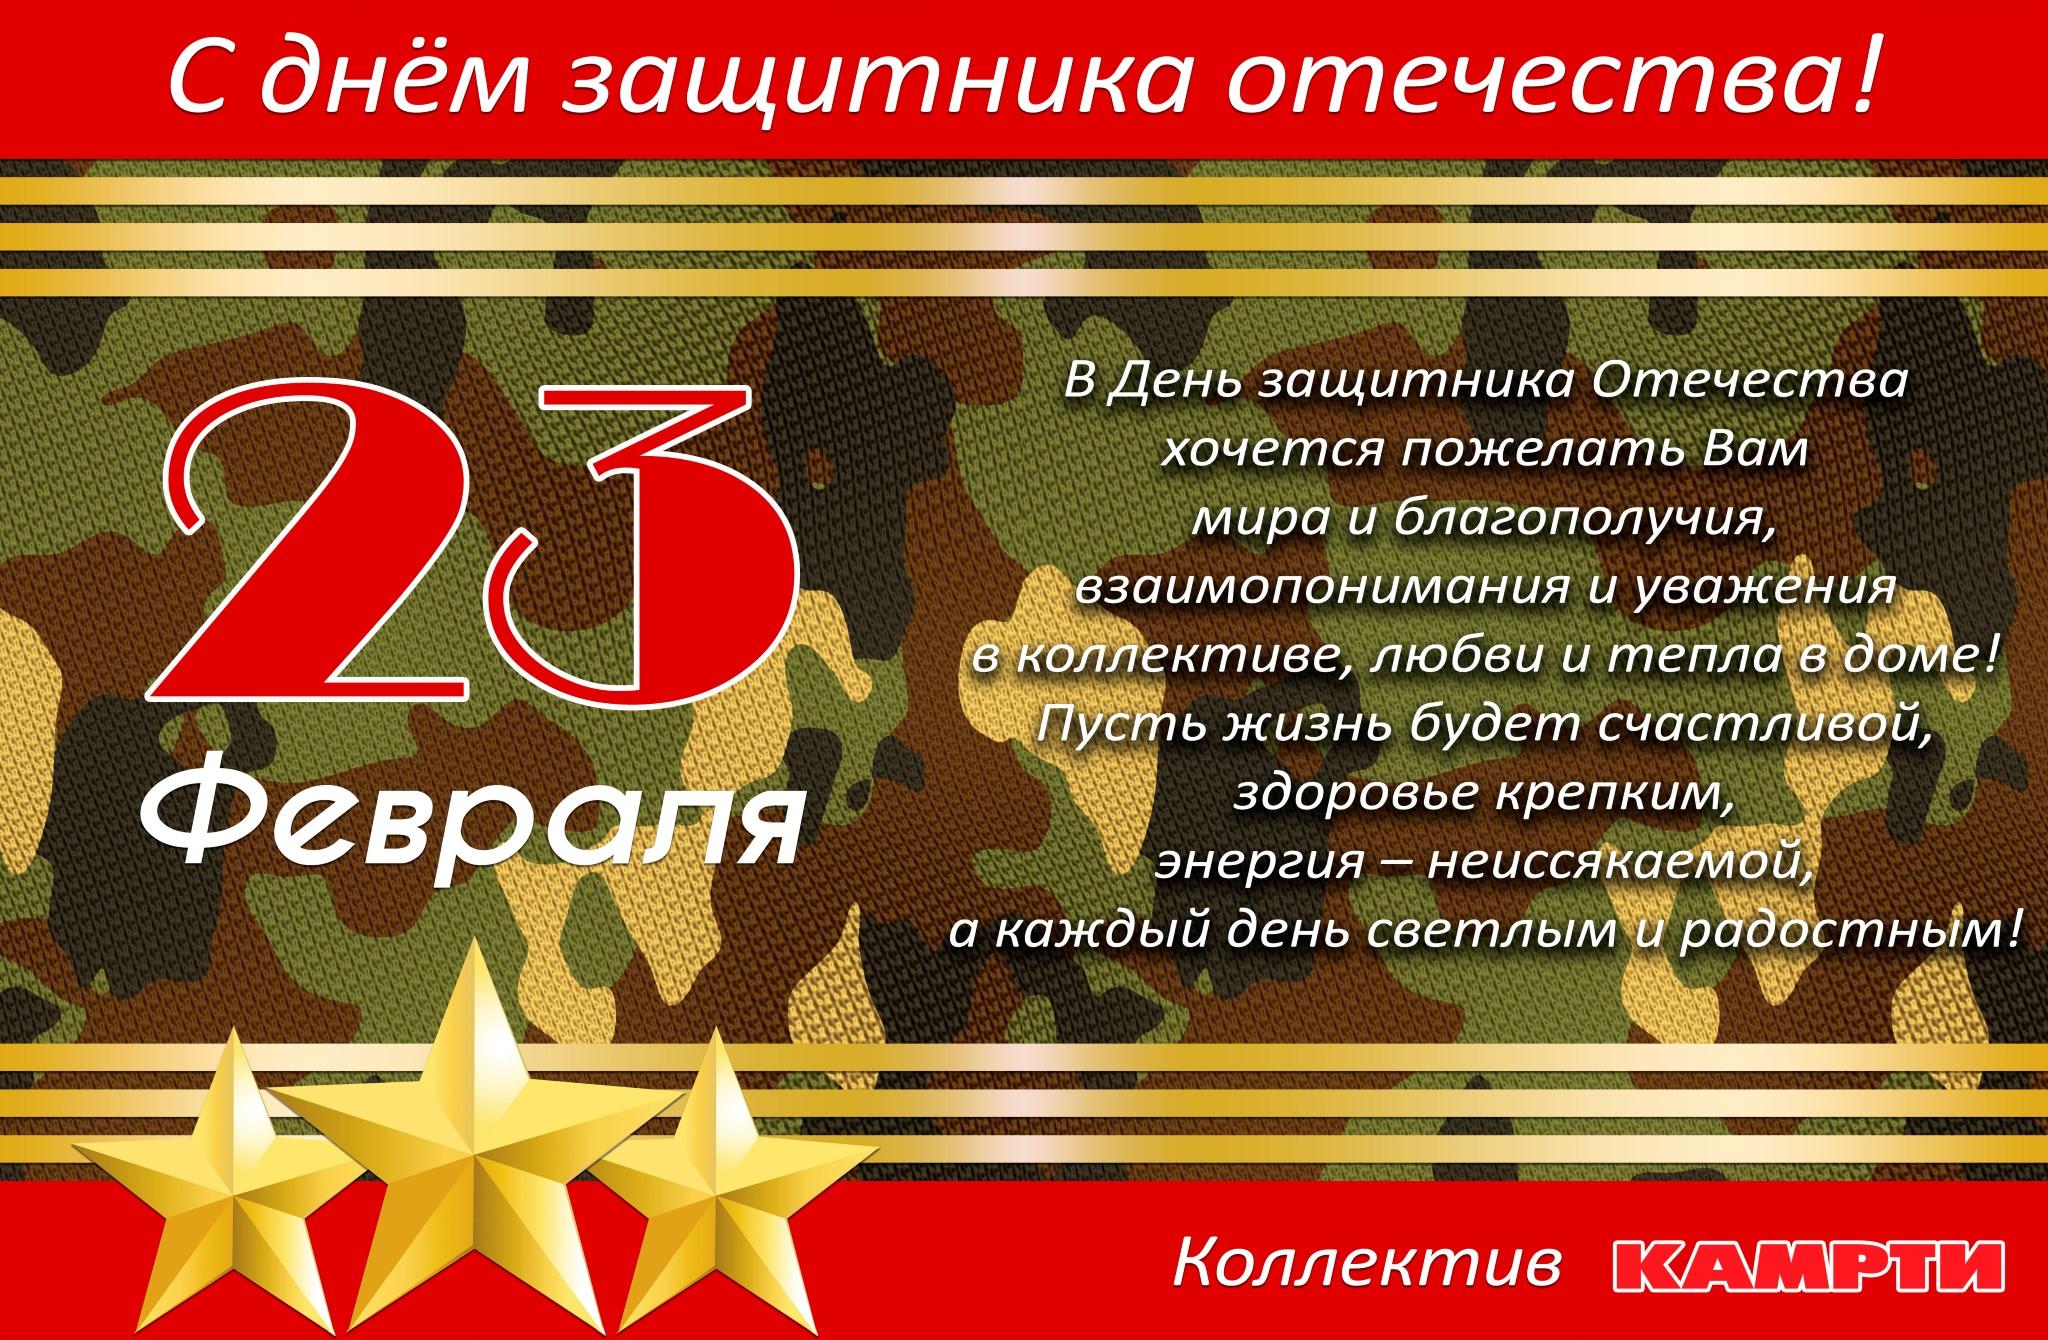 Хоумстак близнецы, открытки с 23 февраля днем защитника отечества беларусь